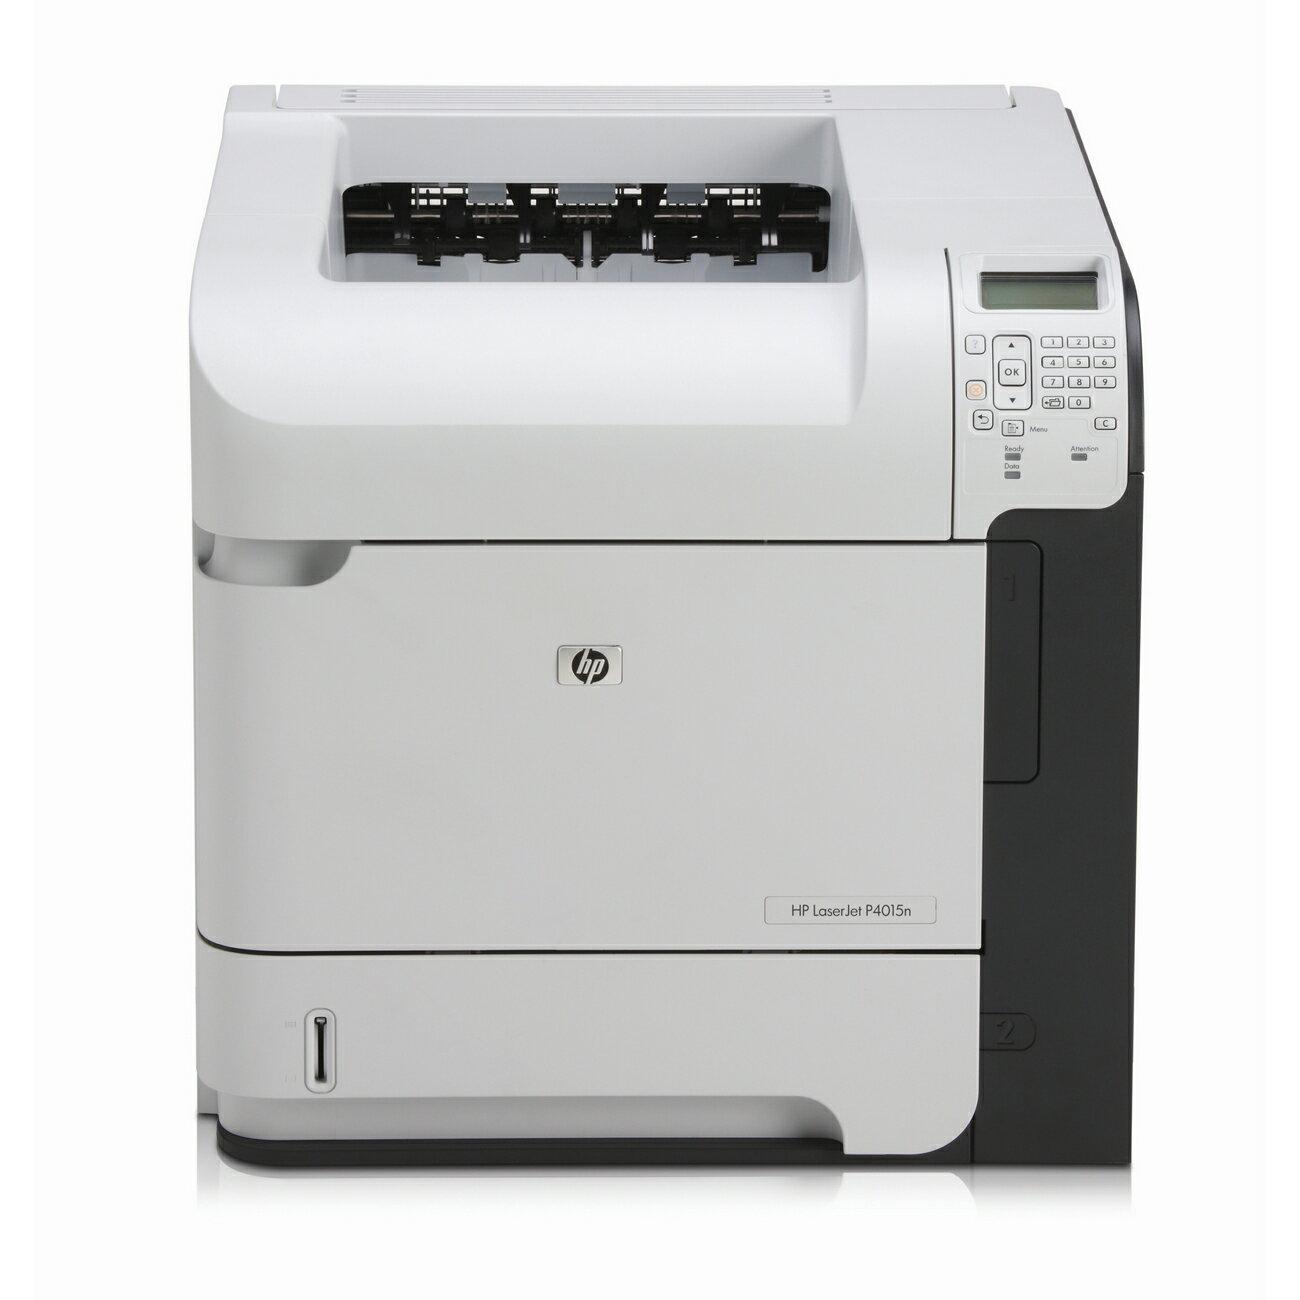 HP LaserJet P4515X Laser Printer - Monochrome - 1200 x 1200 dpi Print - 60 ppm Mono Print 0